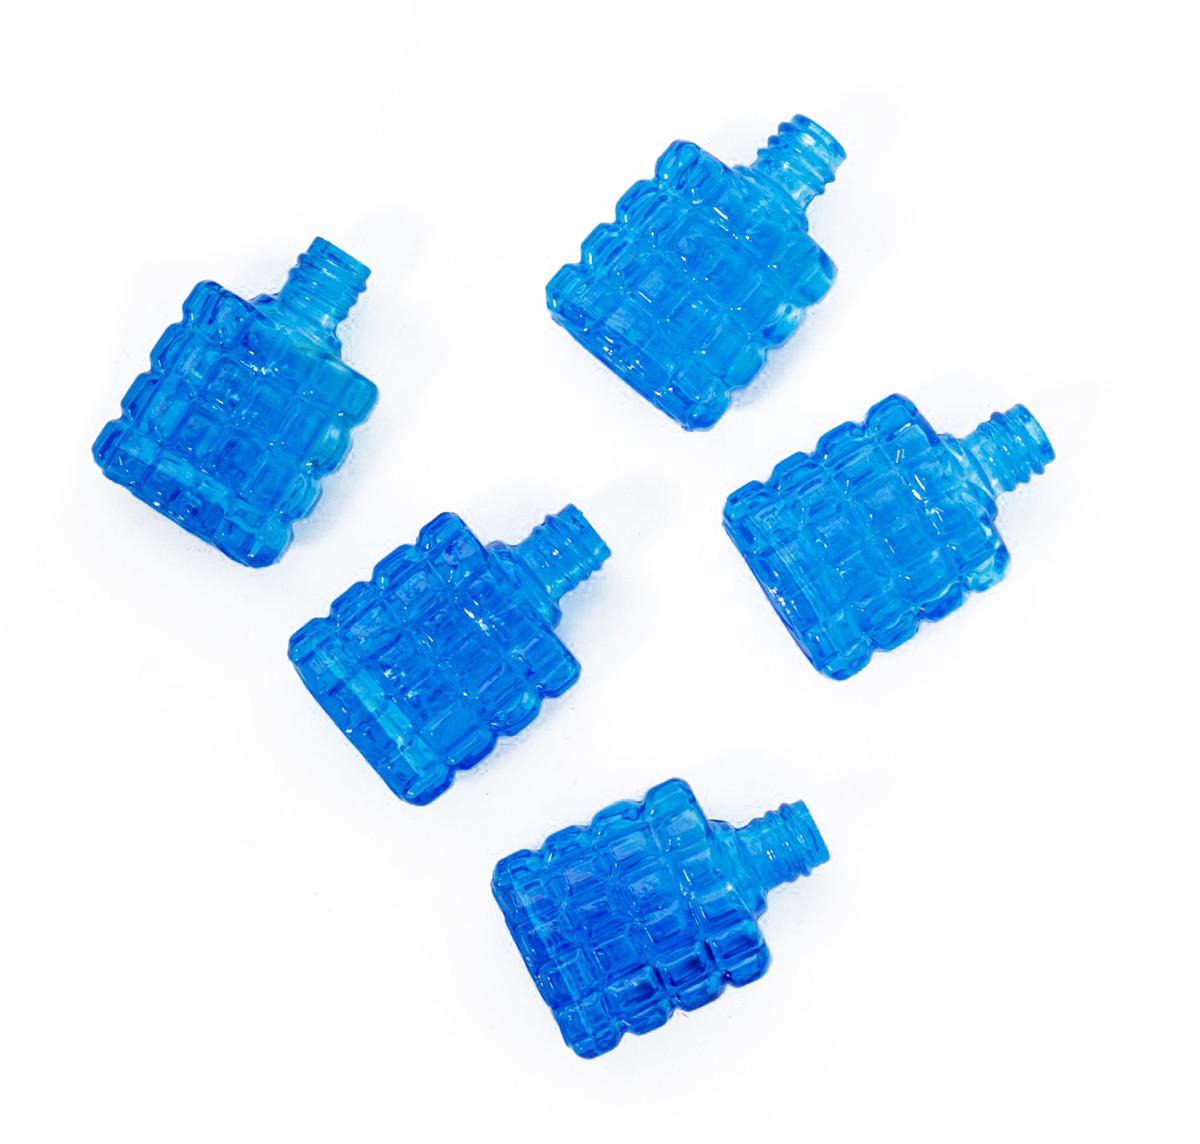 Декоративный наполнитель Evis Адам, 4048612, синий, 30 шт стоимость